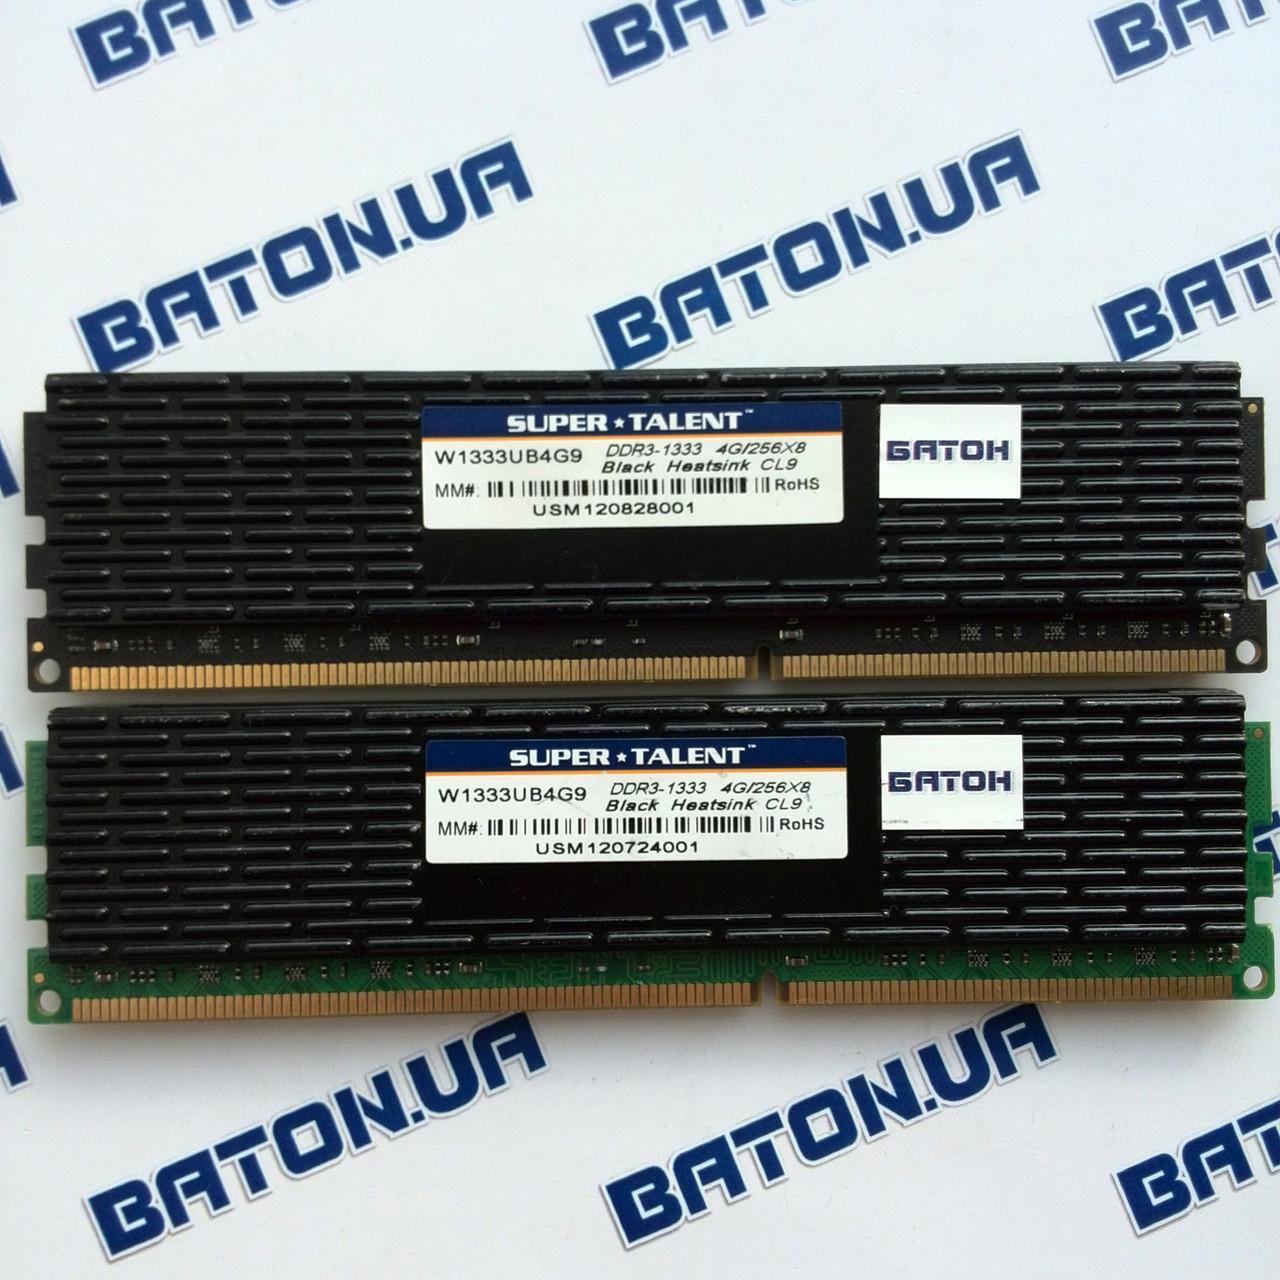 Игровая оперативная память Super Talent DDR3 4Gb+4Gb 1333MHz PC3 10600U CL9 (W1333UB4G9)